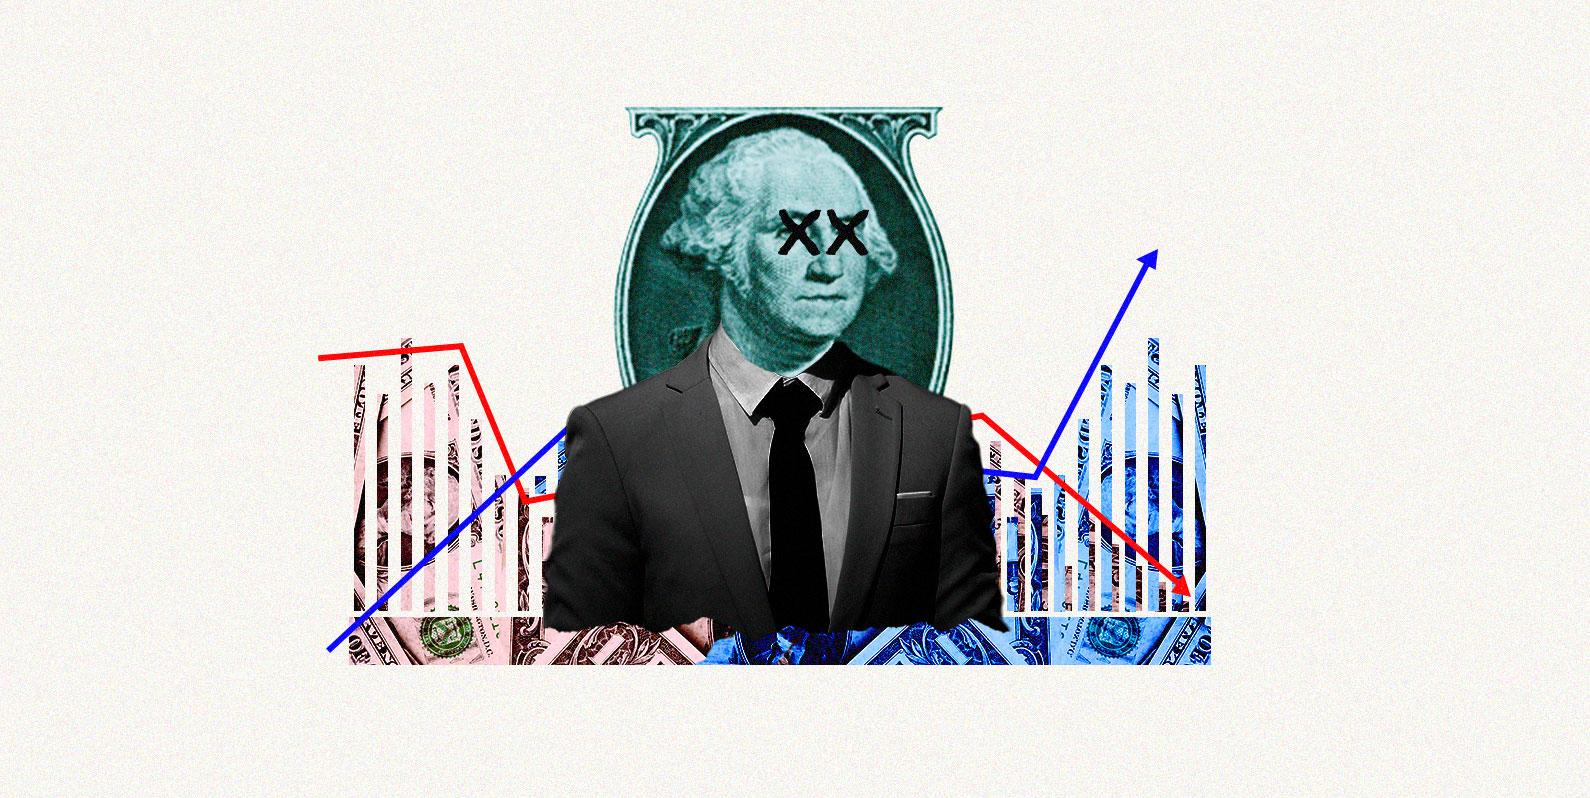 Capitalismo em crise: precisamos repensar o crescimento econômico para salvá-lo